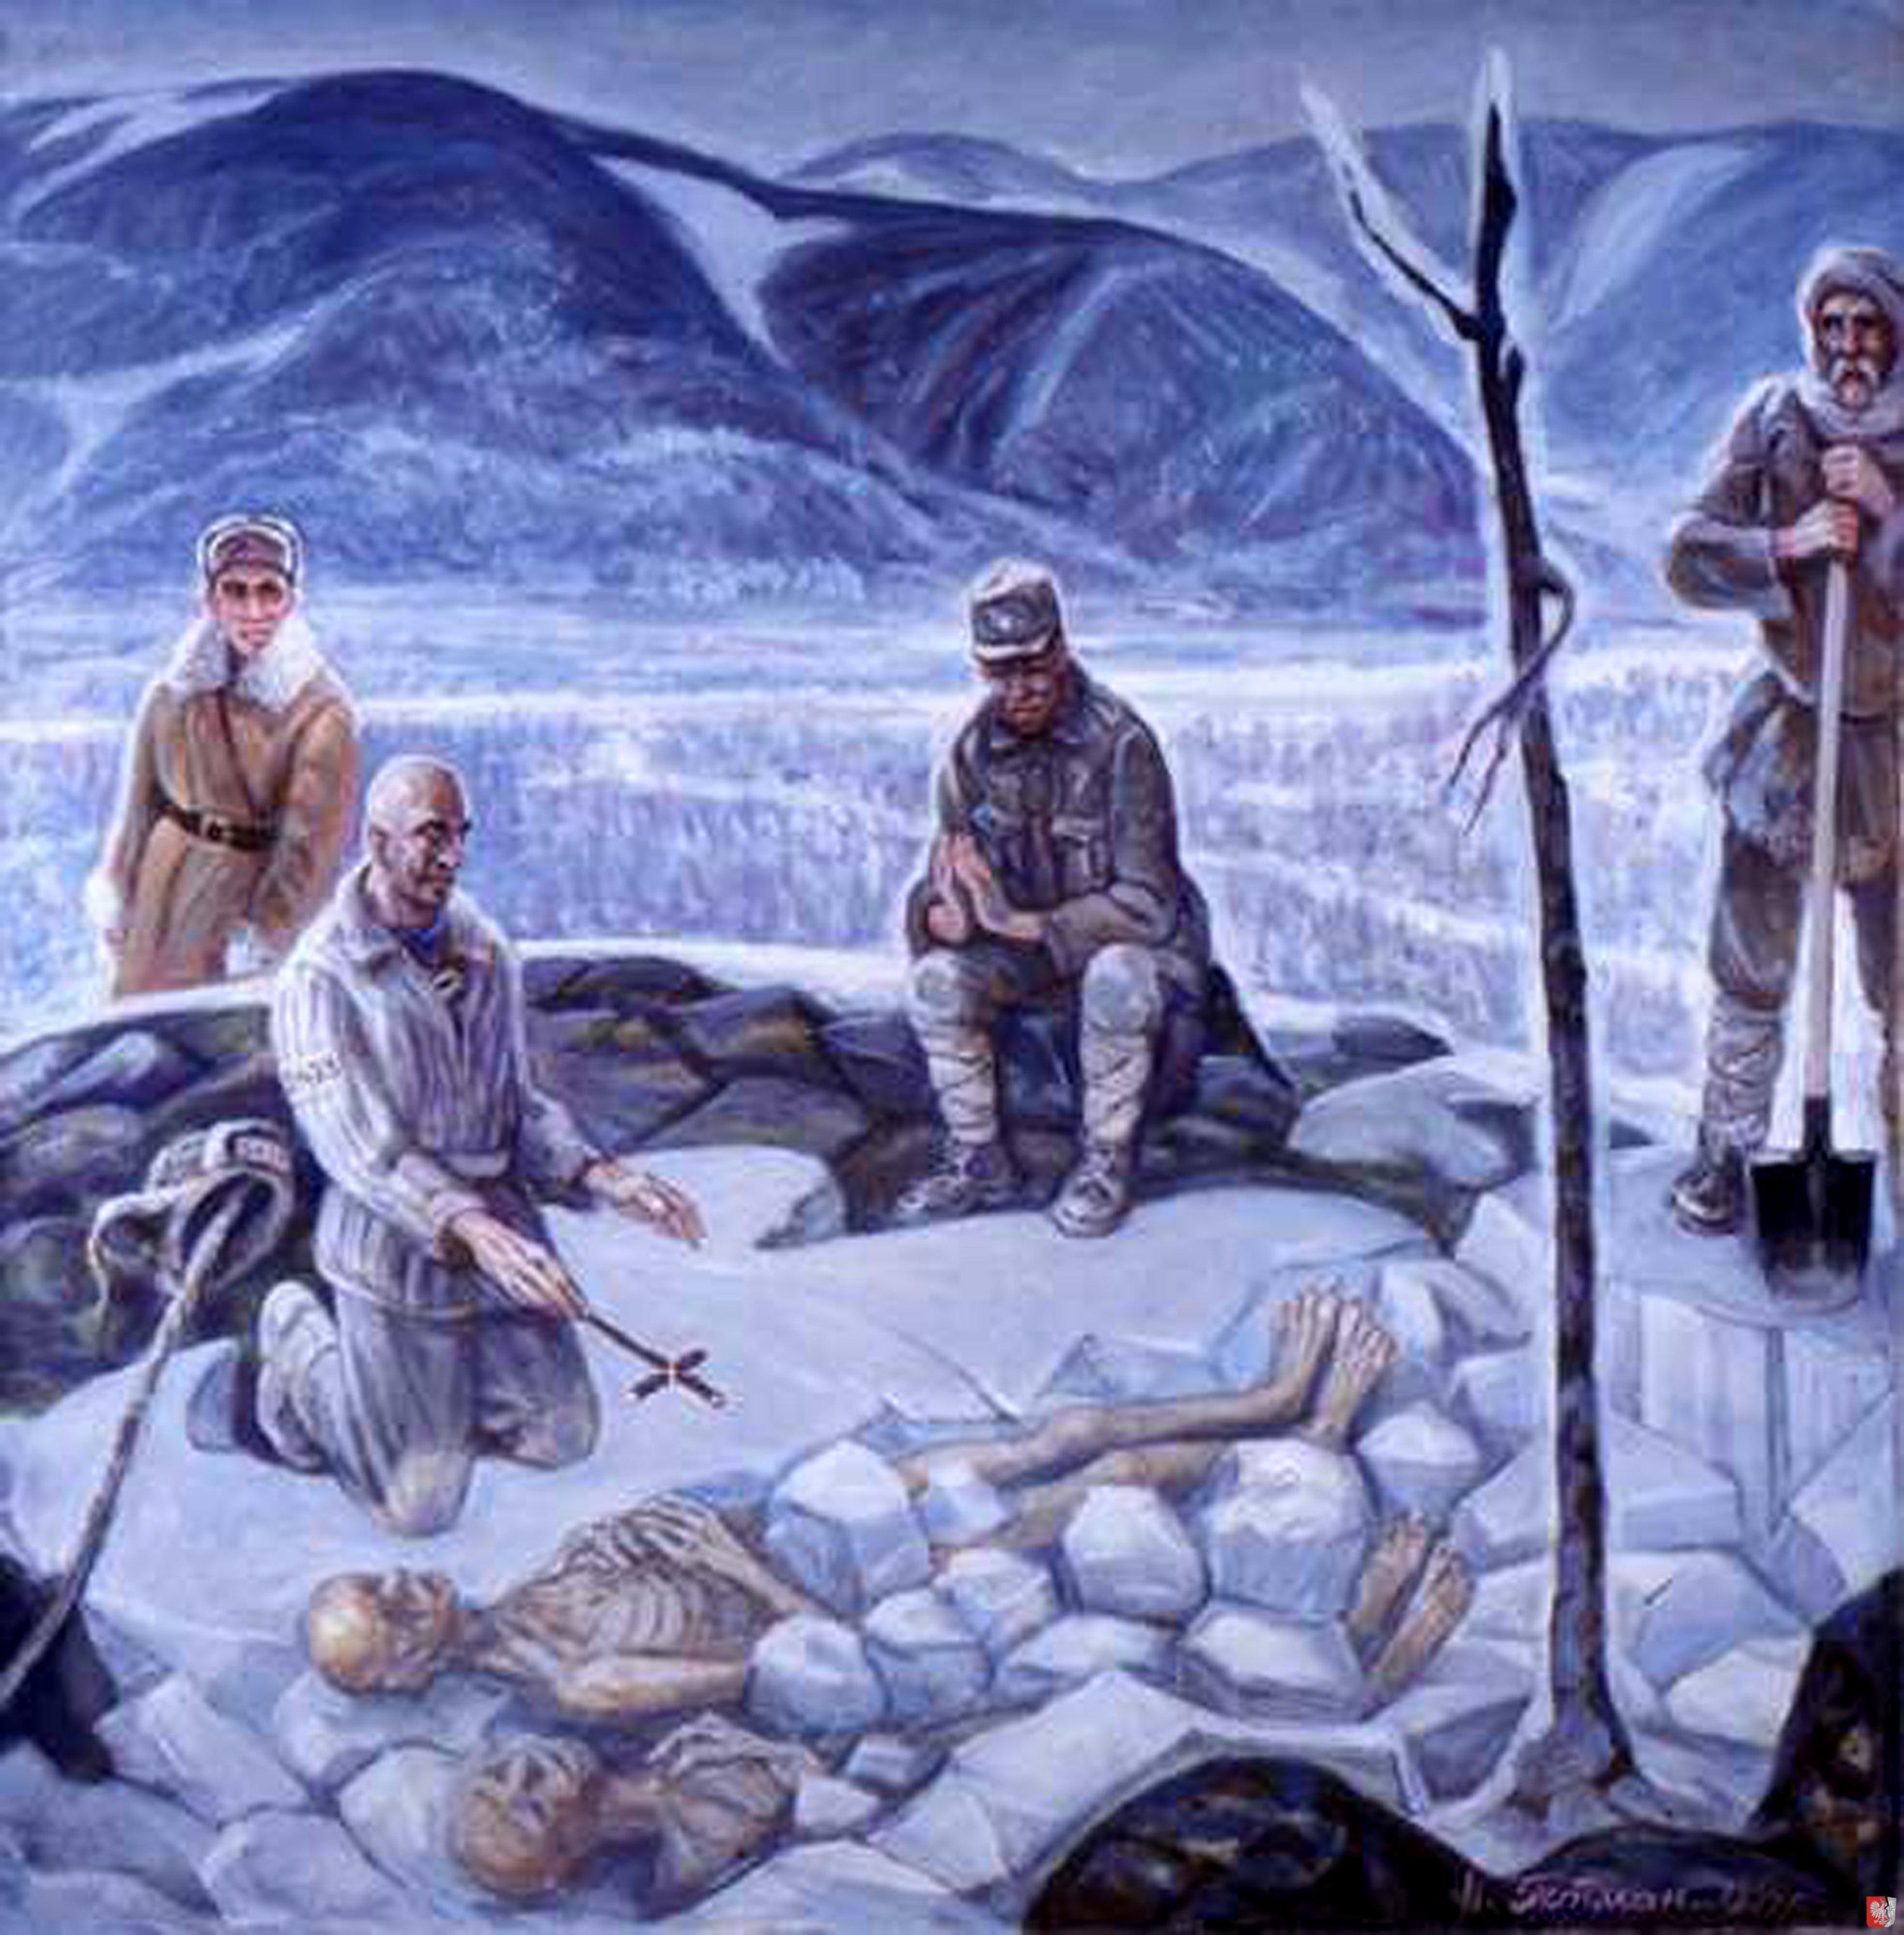 Nikolaj Getman gulágos festőművész egyik műve, a festő idén hunyt el / Fotó: Gulag.org